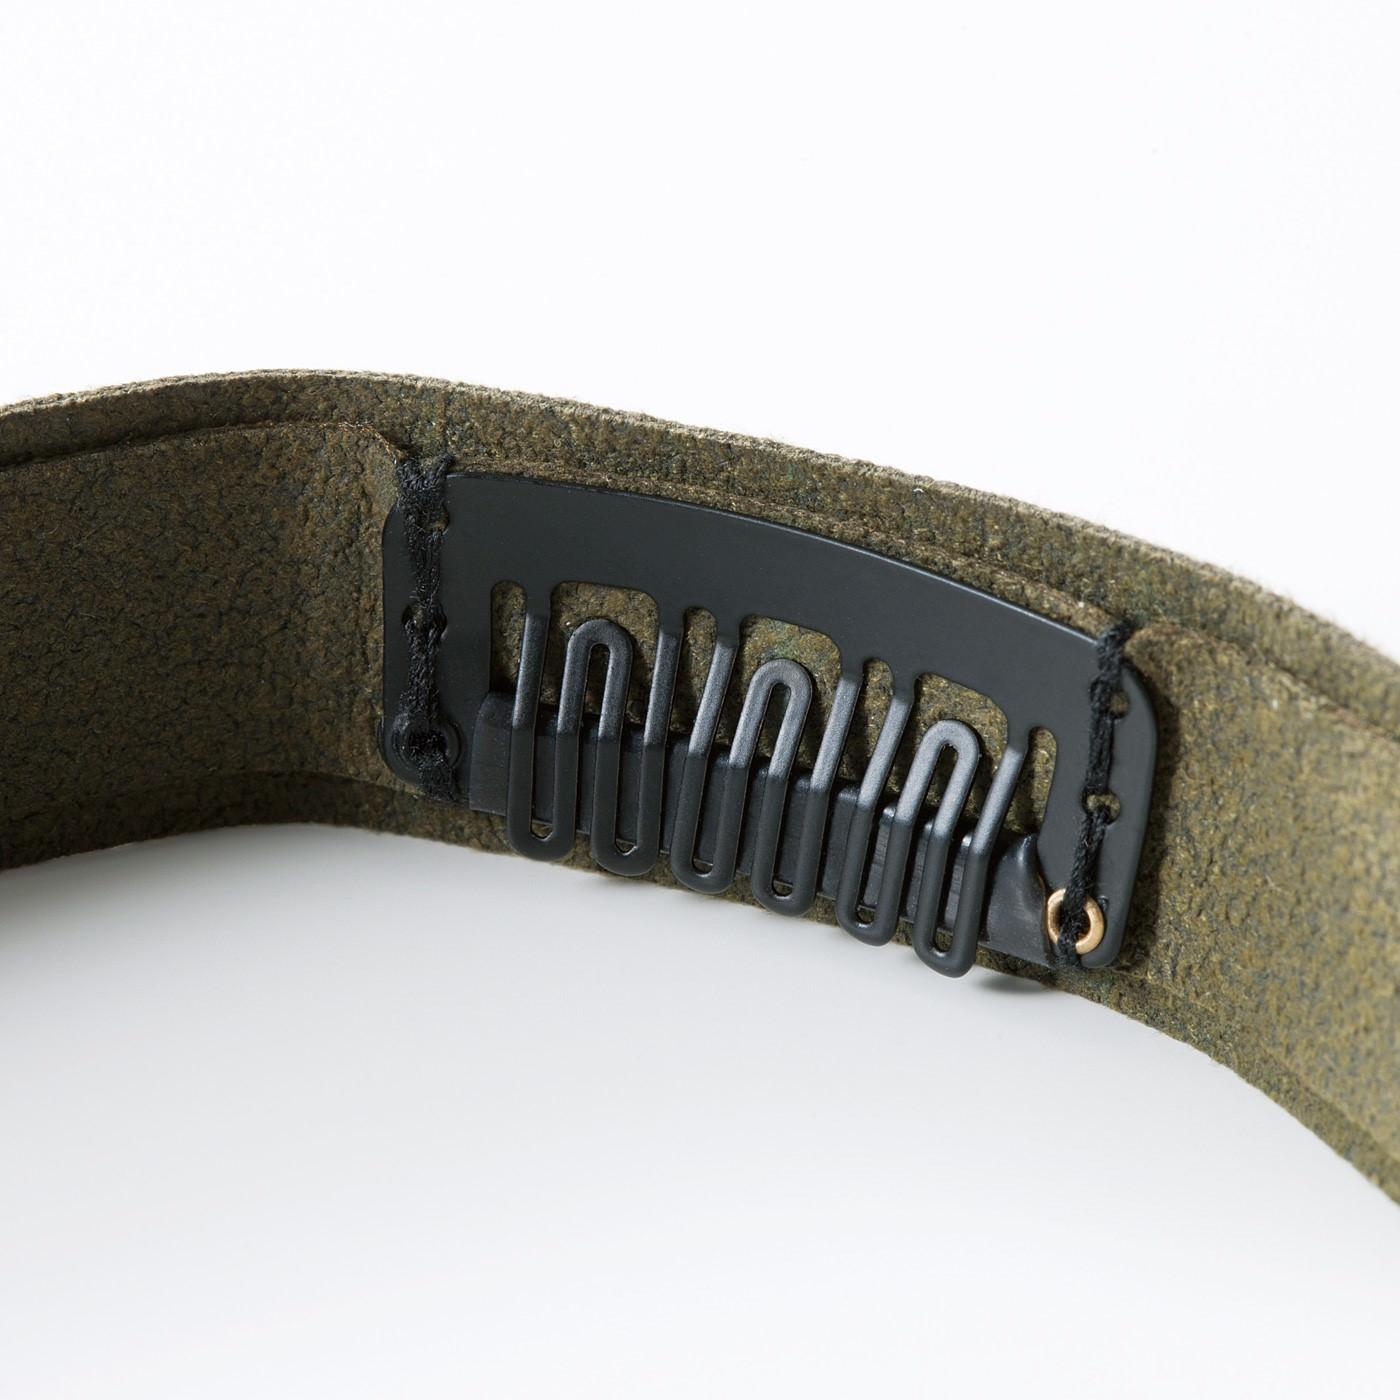 バンドの裏側に付いたズレを防ぐ髪留めクリップ。